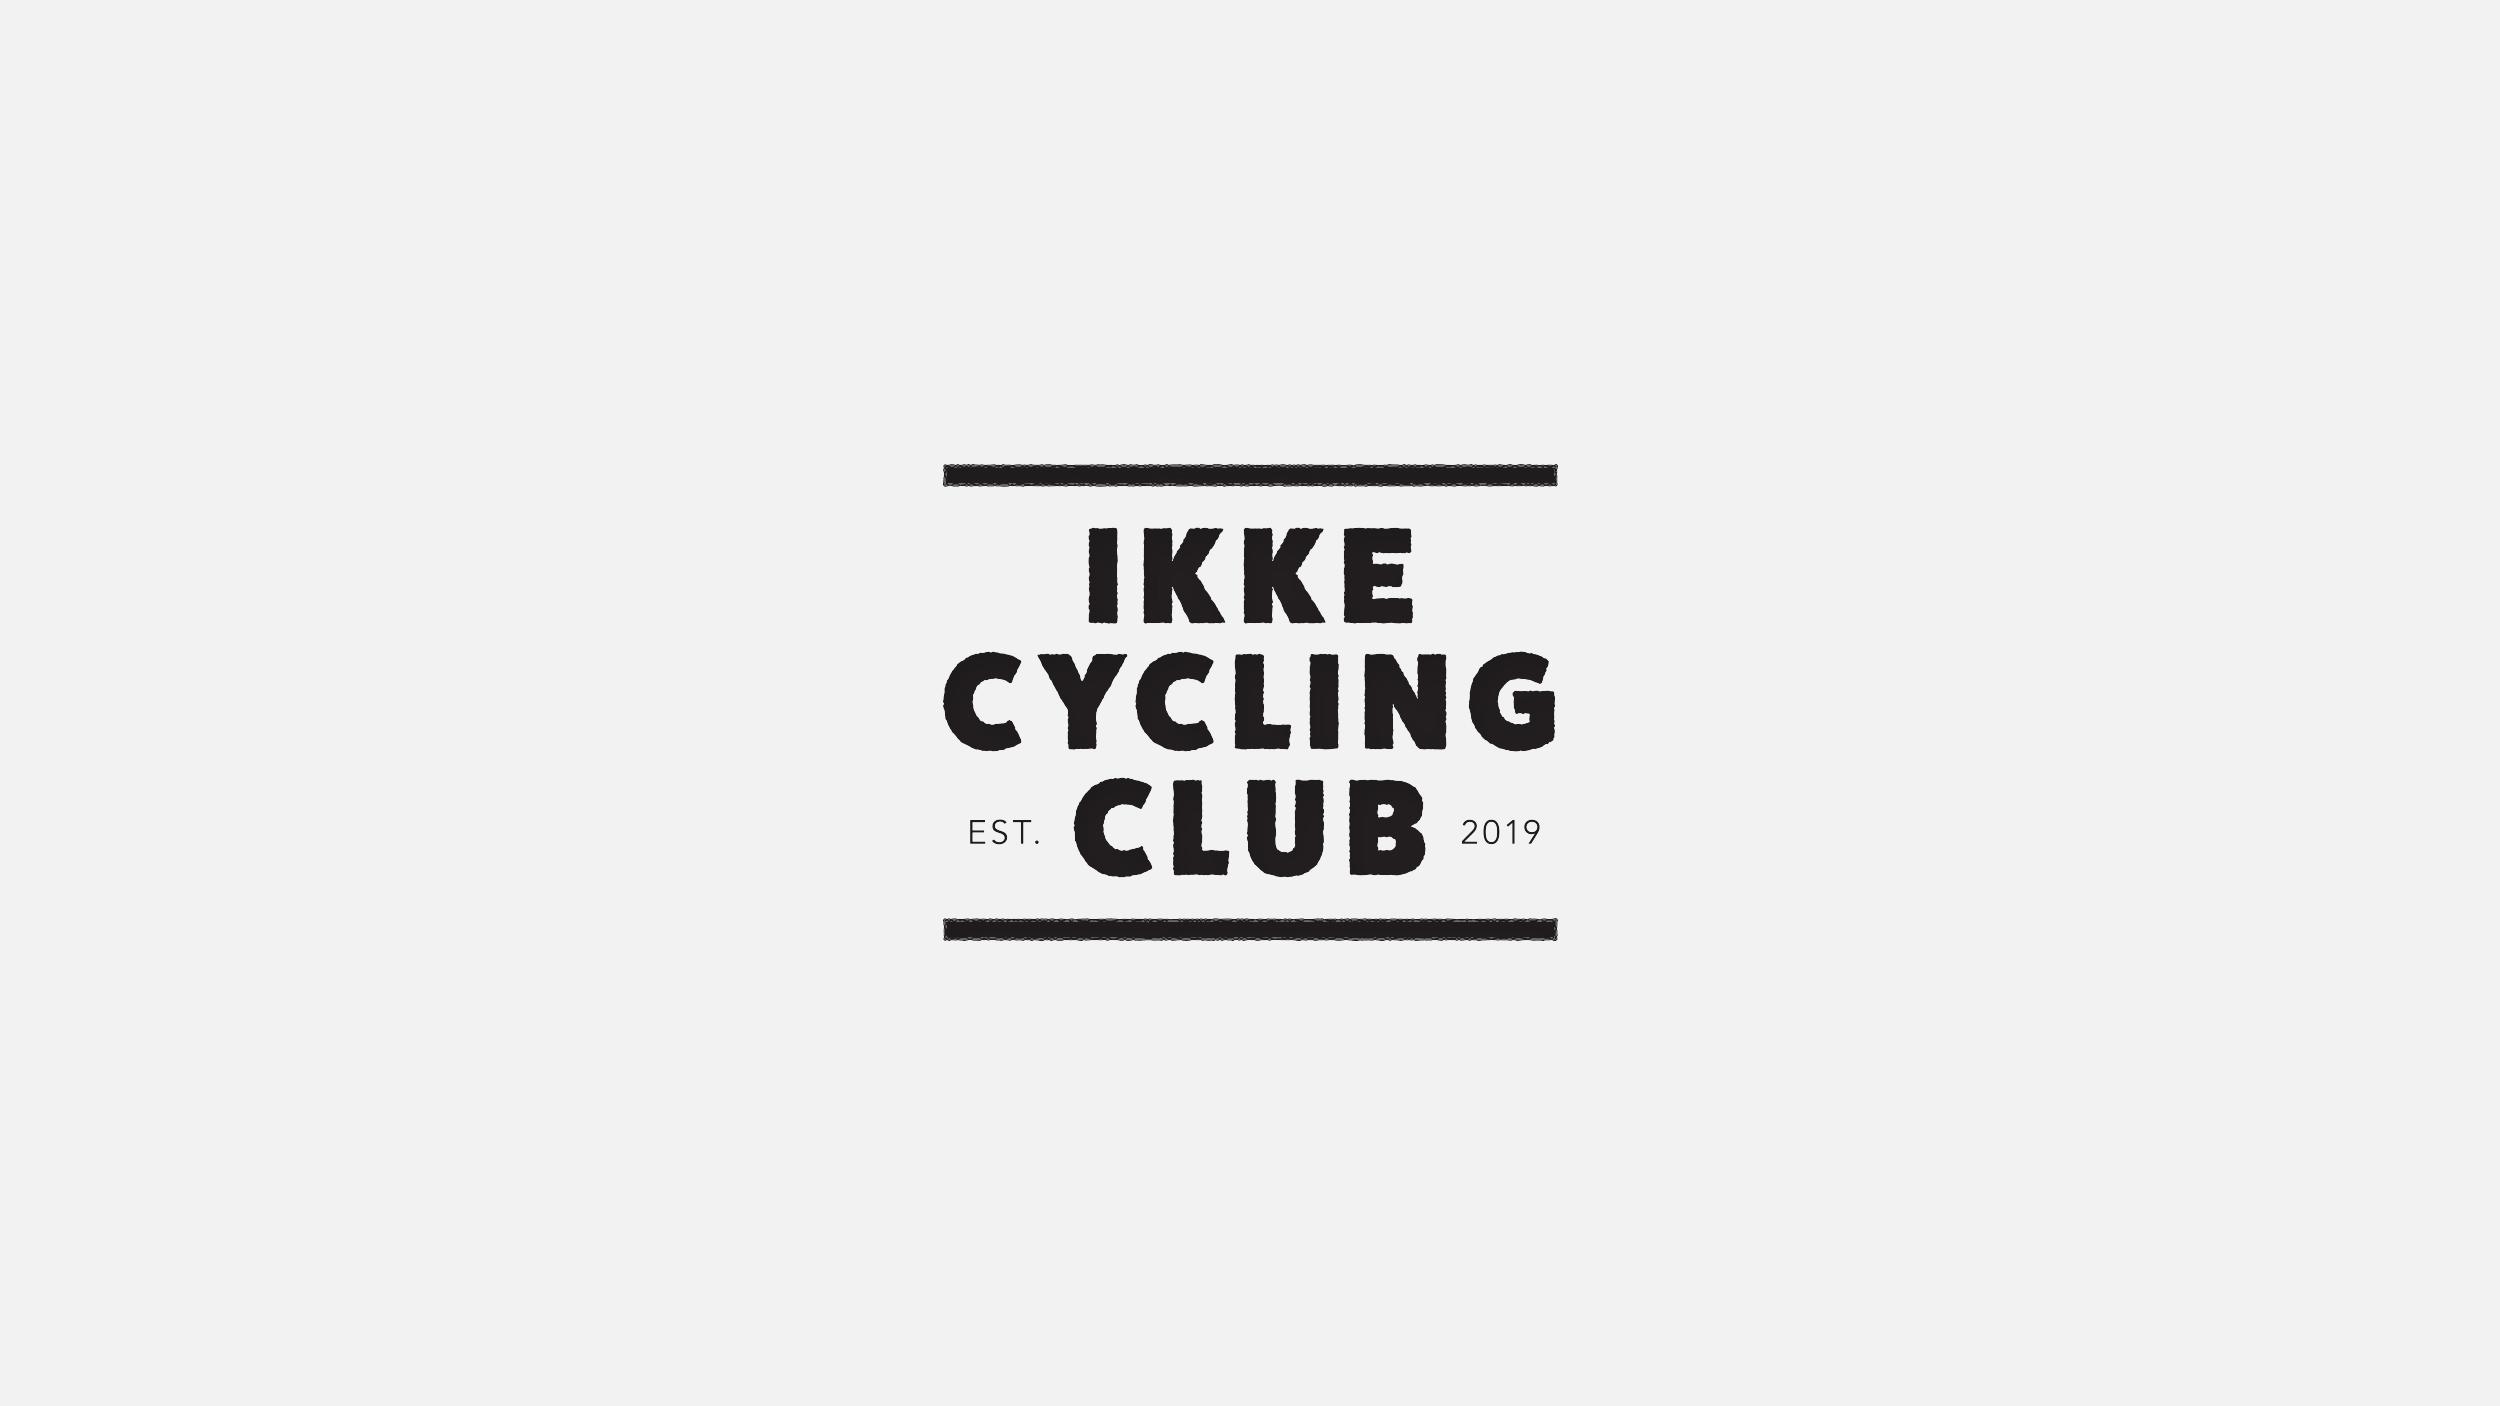 Ikke_cycling_01